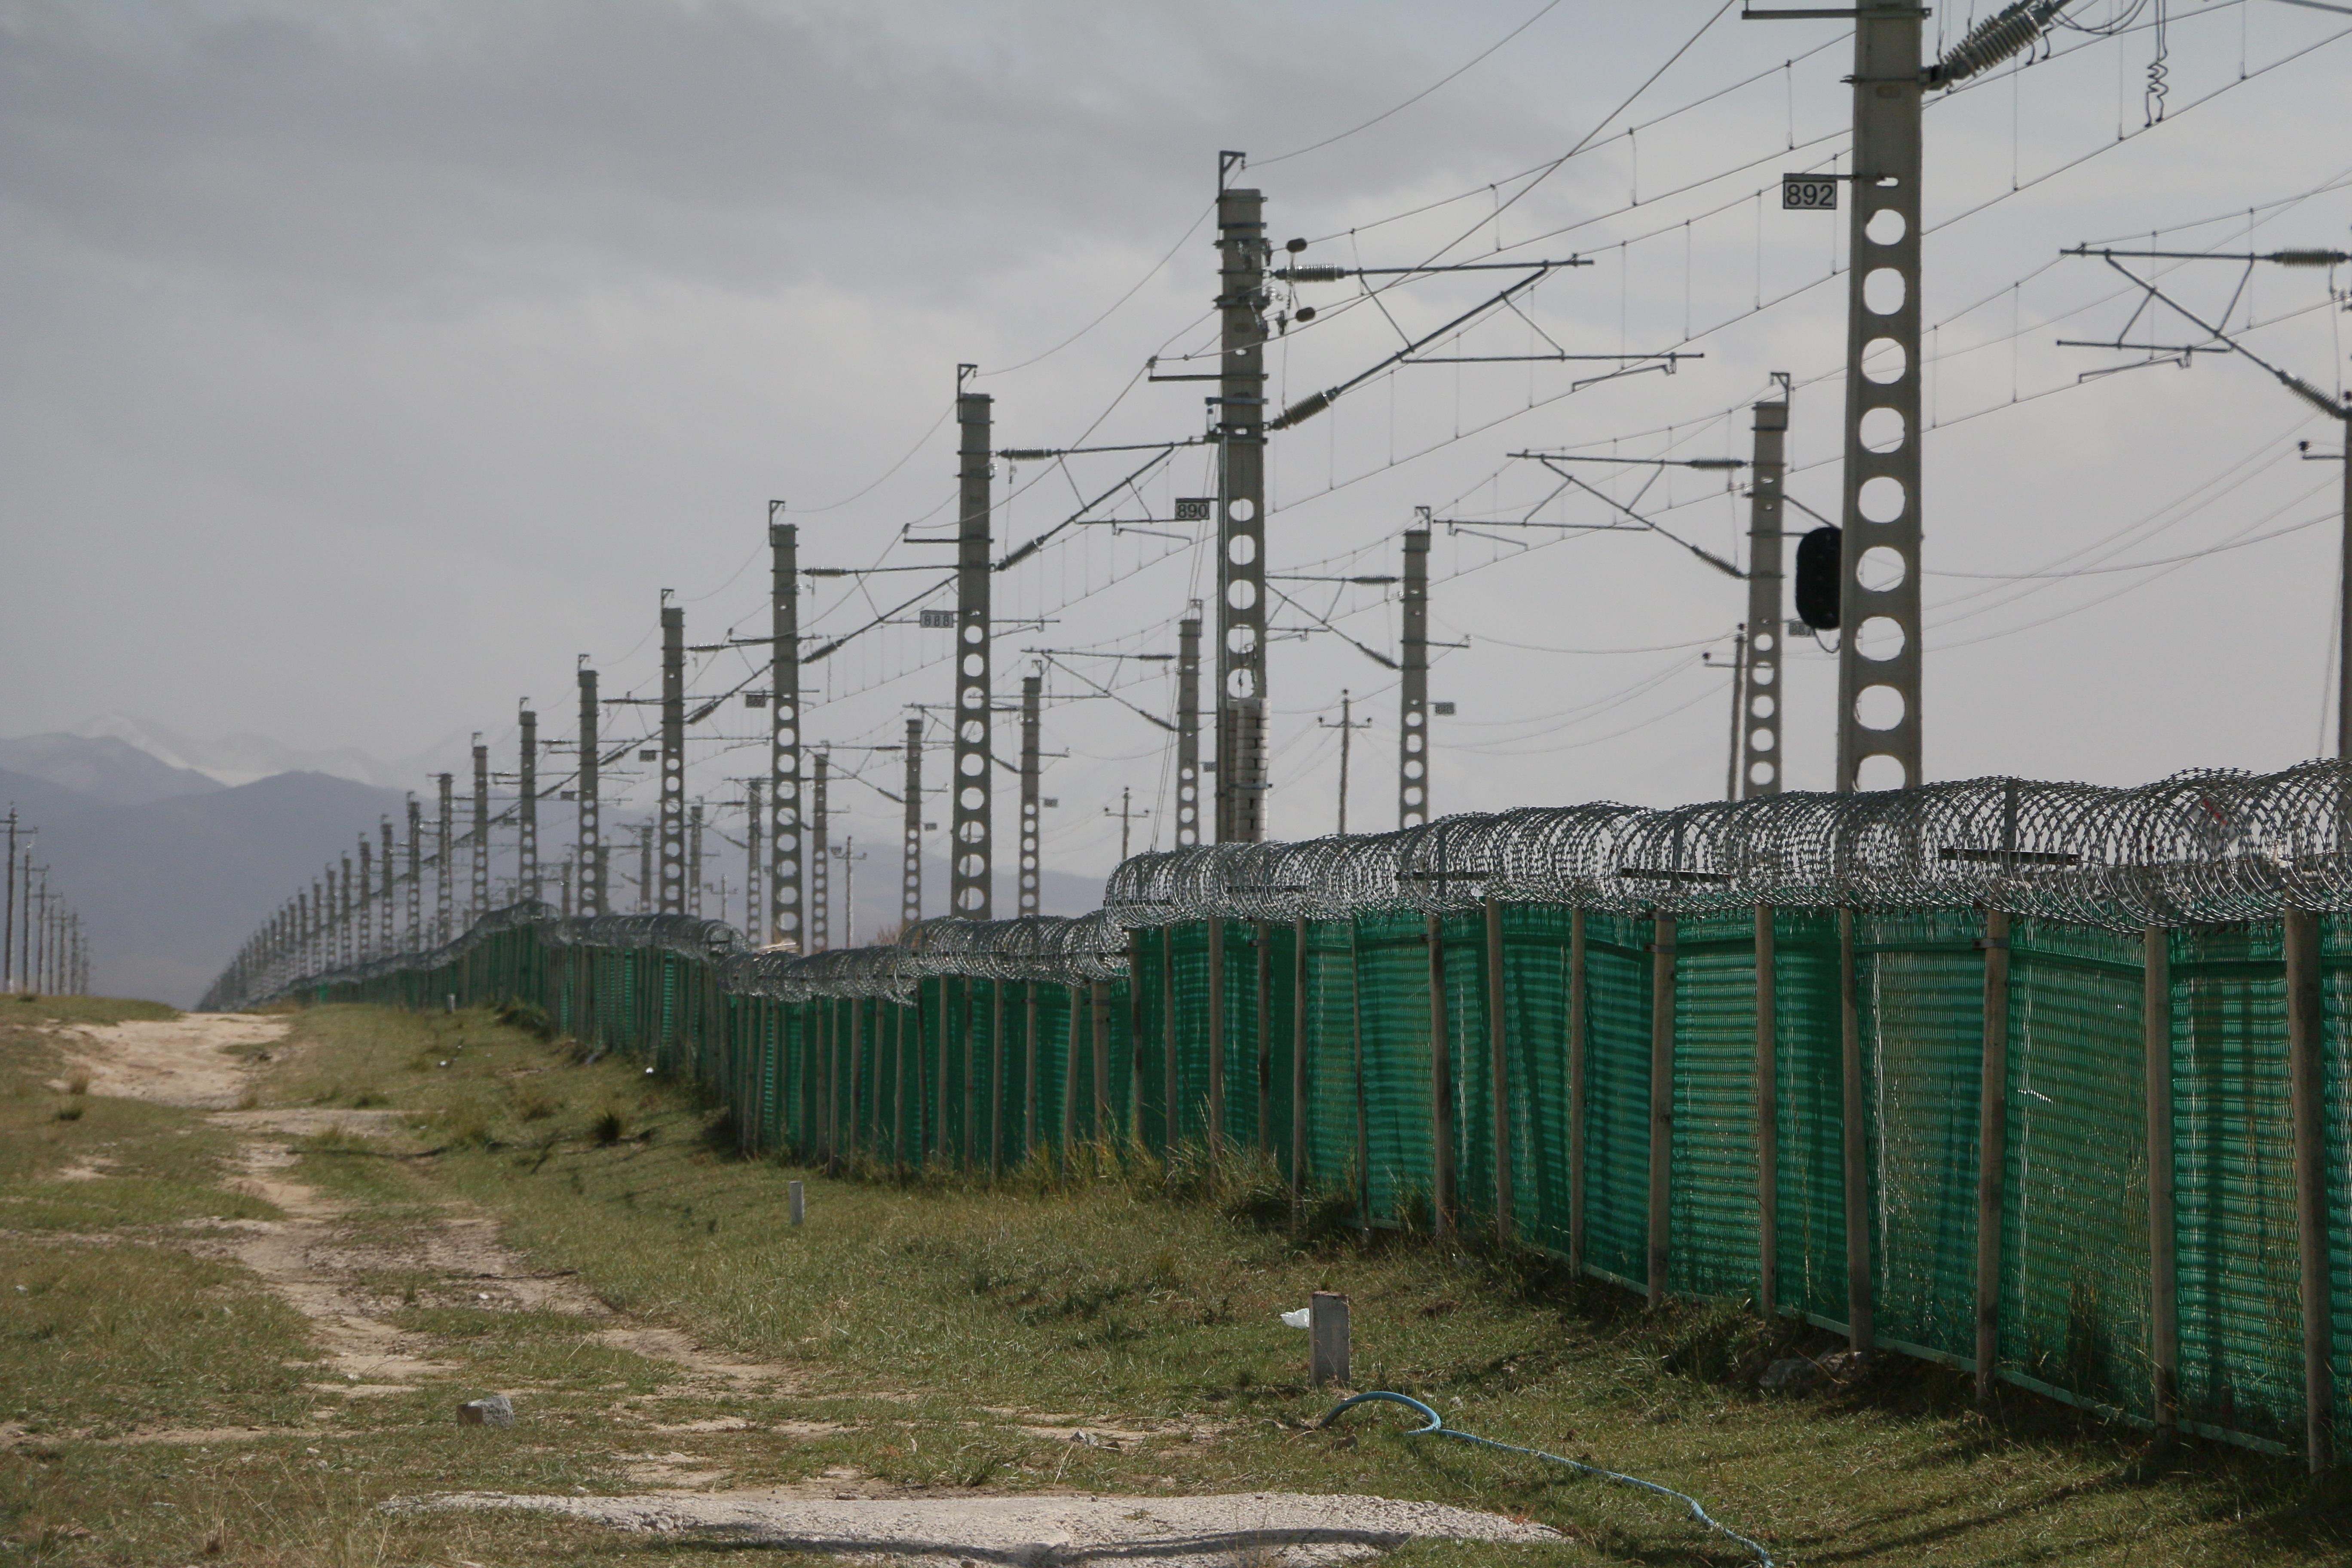 Zaun Spur Eisenbahn Transport Fahrzeug Elektrizität Zäune Wiederholen  Außenstruktur Hauszäune Stromversorgung Freileitung